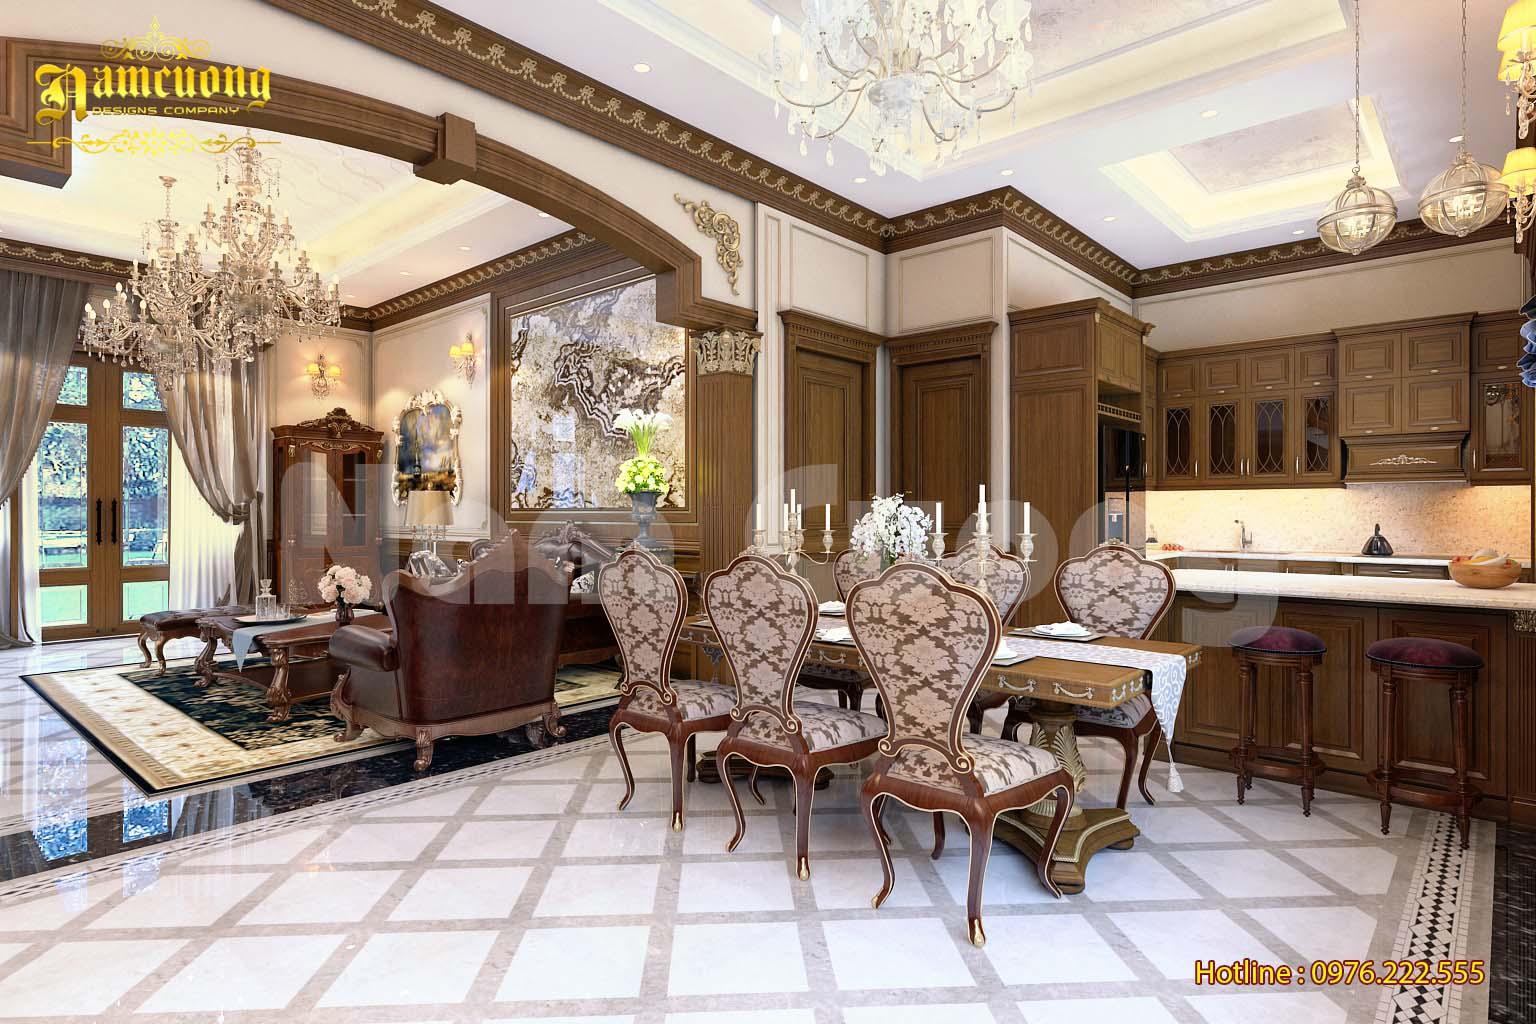 Thiết kế nội thất cho biệt thự tân cổ điển 3 tầng